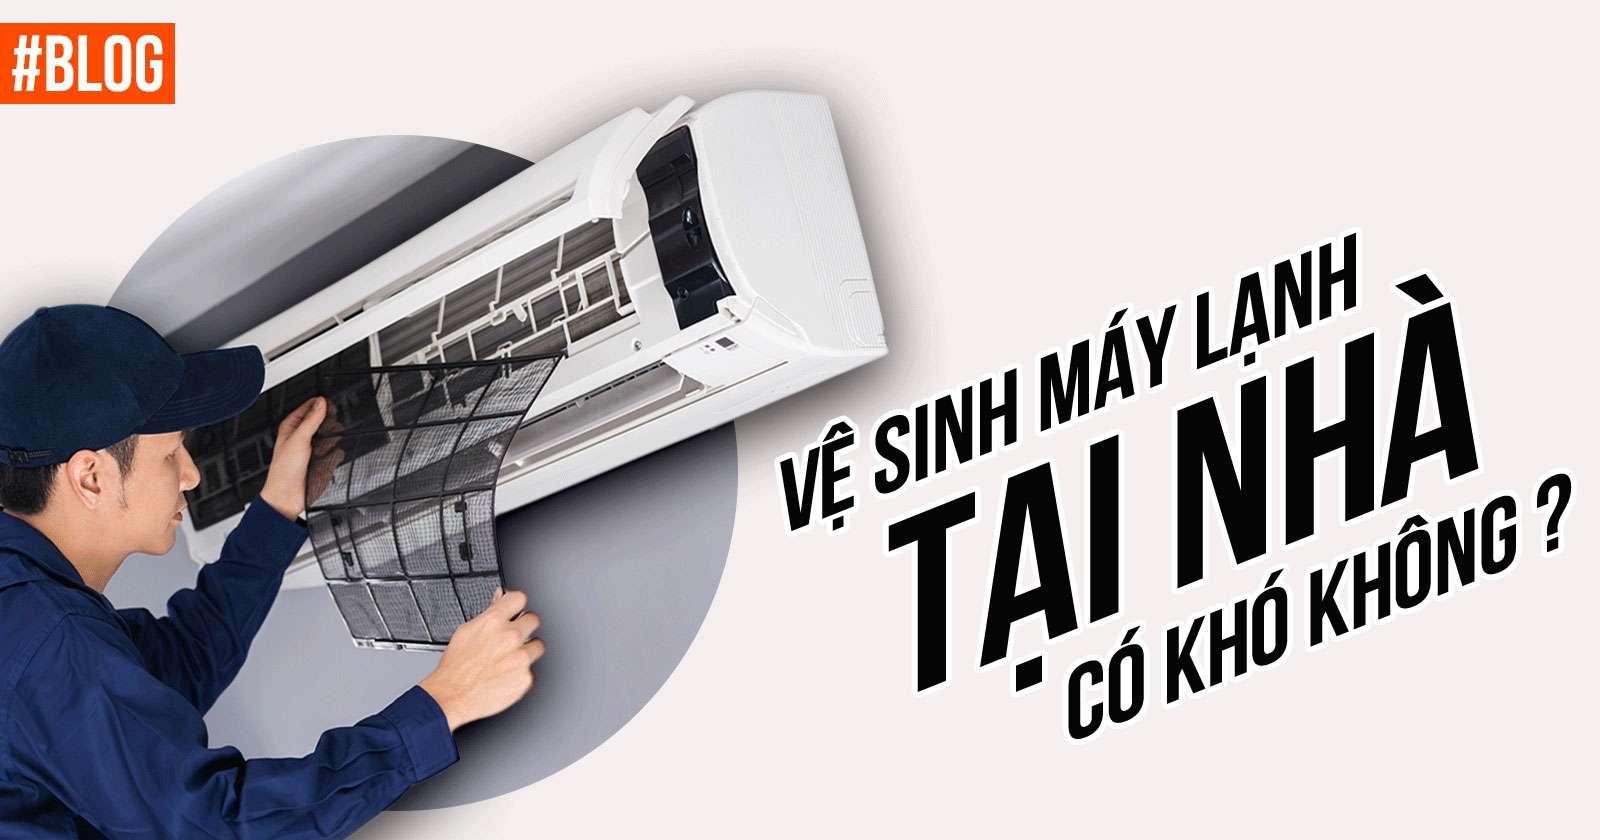 Vệ sinh máy lạnh tại nhà có khó không?